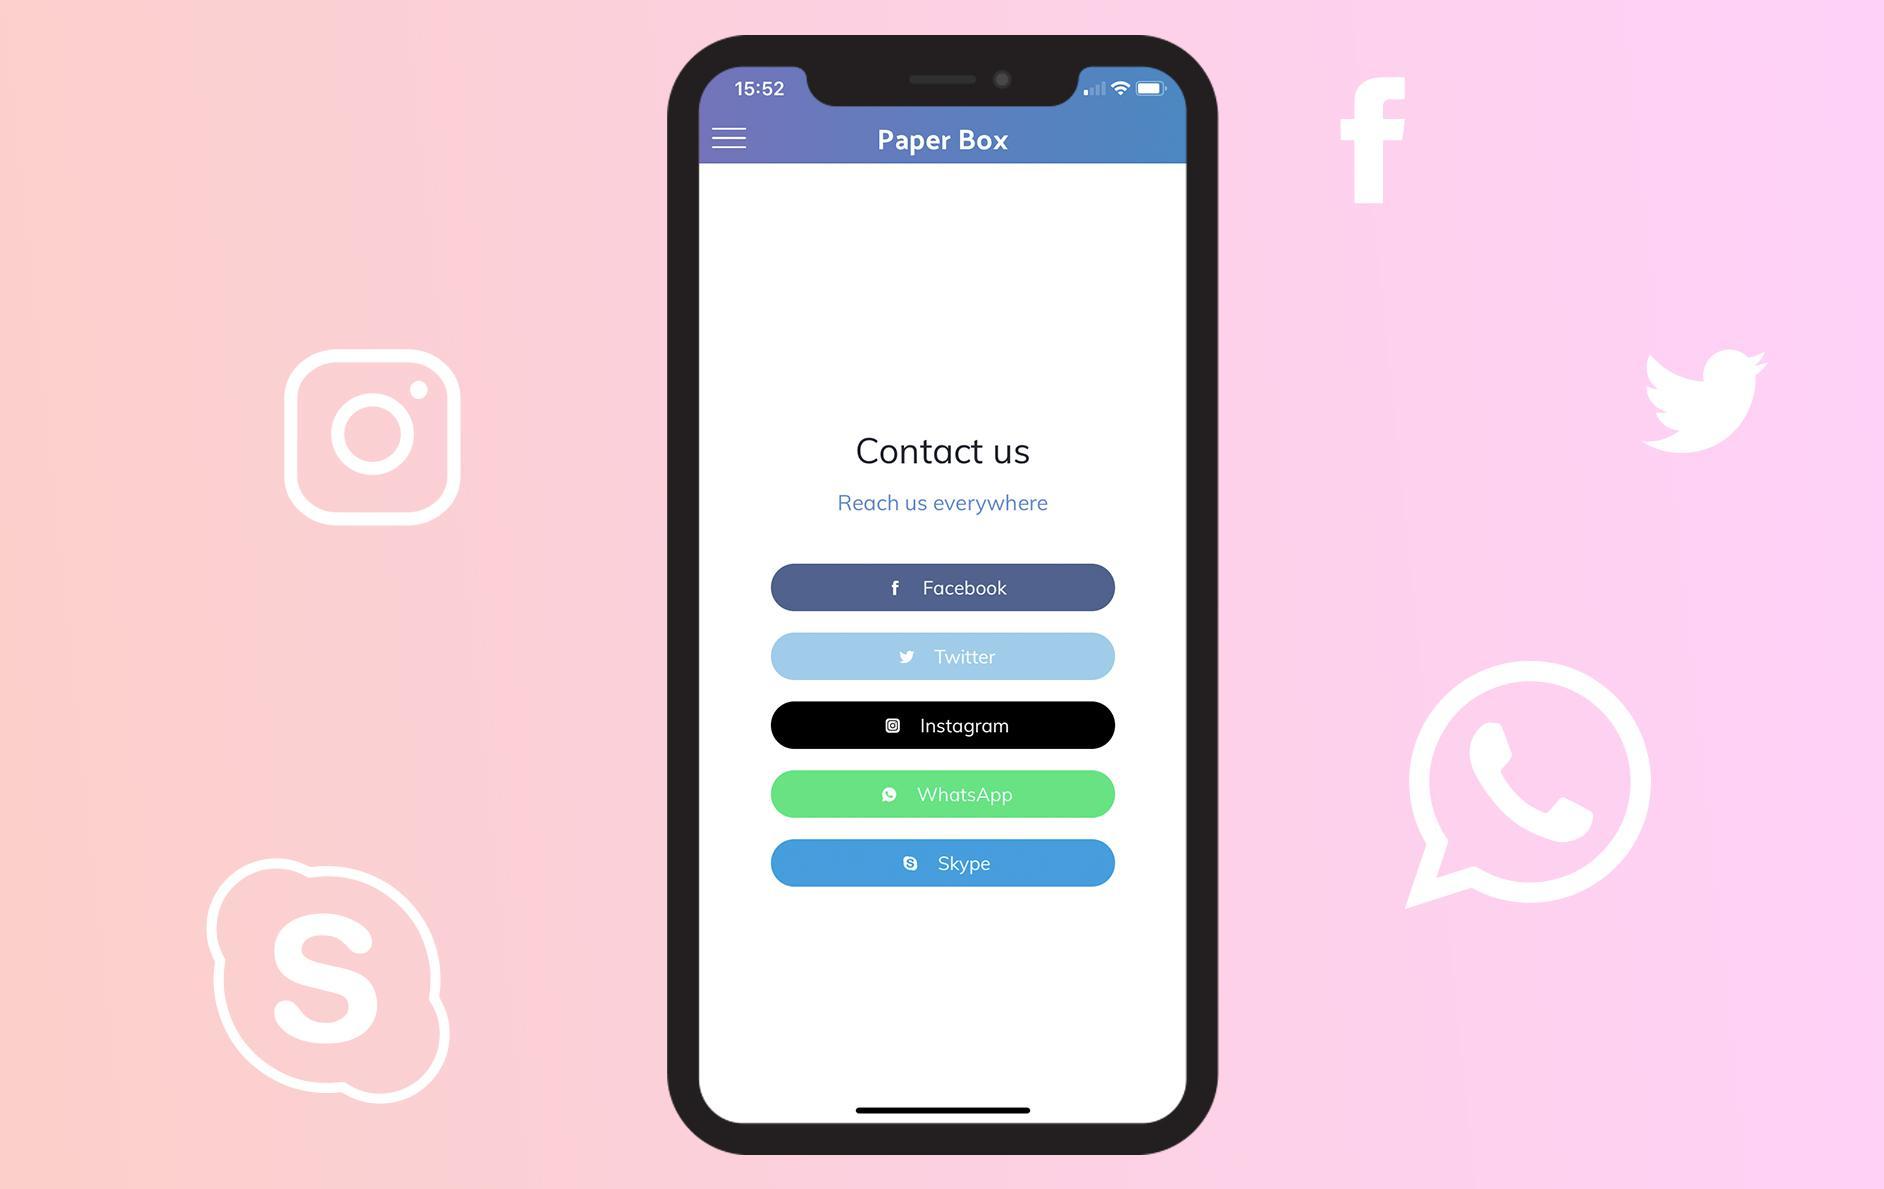 Instagram, WhatsApp & Skype s'invitent dans votre section Contact